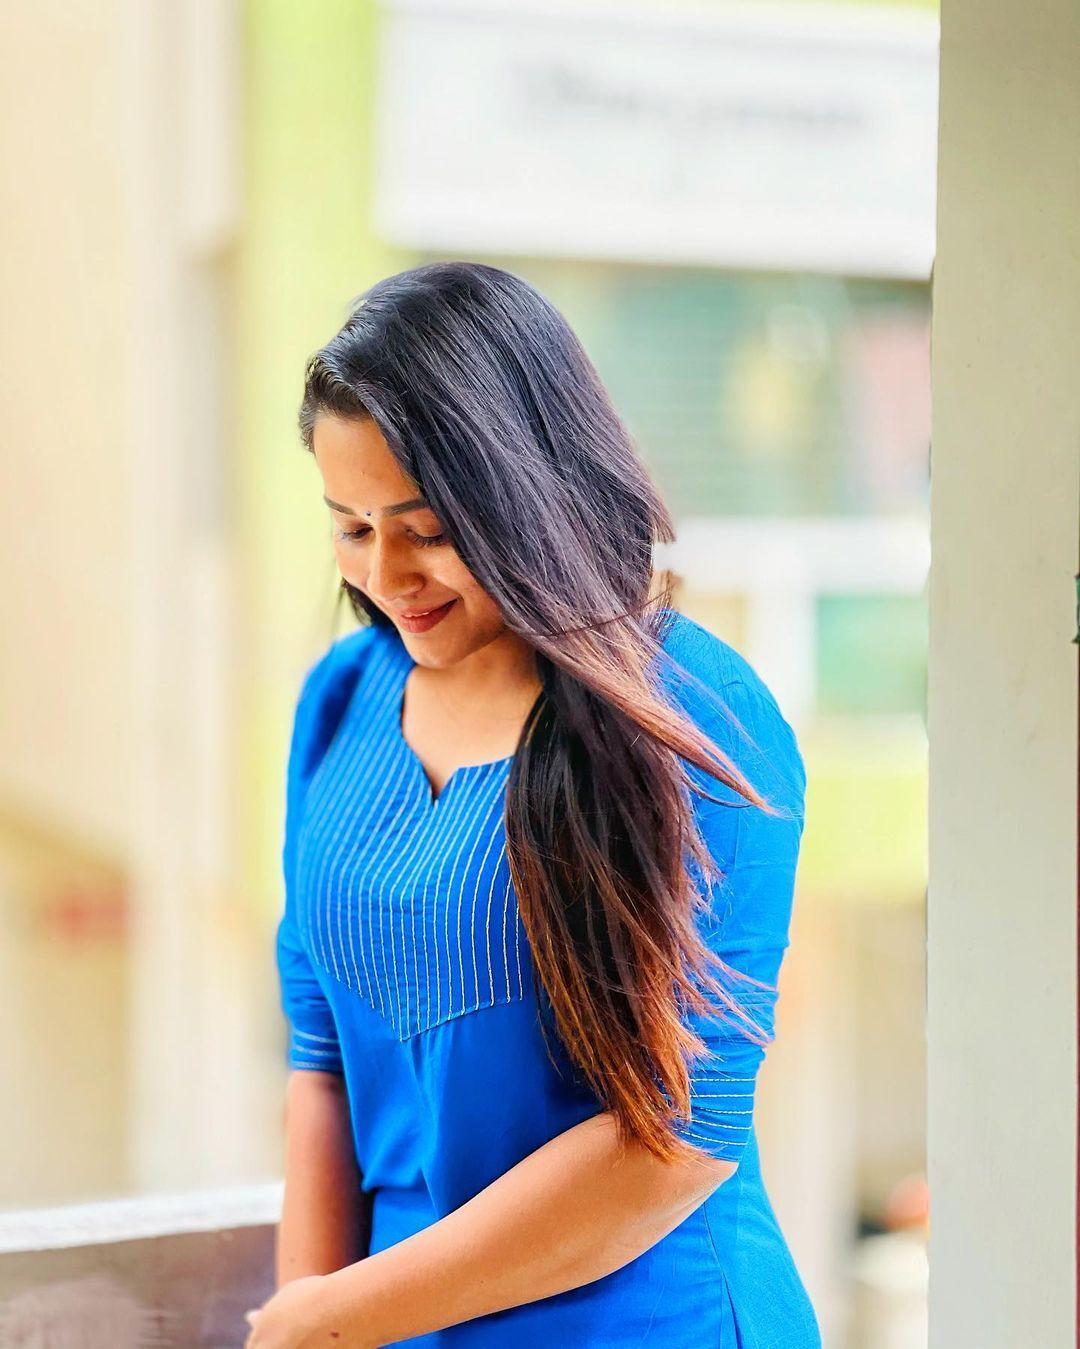 ப்ளூ டாப்புடன் நெஞ்சை அள்ளும் நடிகை காவ்யாவின் ஹாட் போட்டோஸ்!